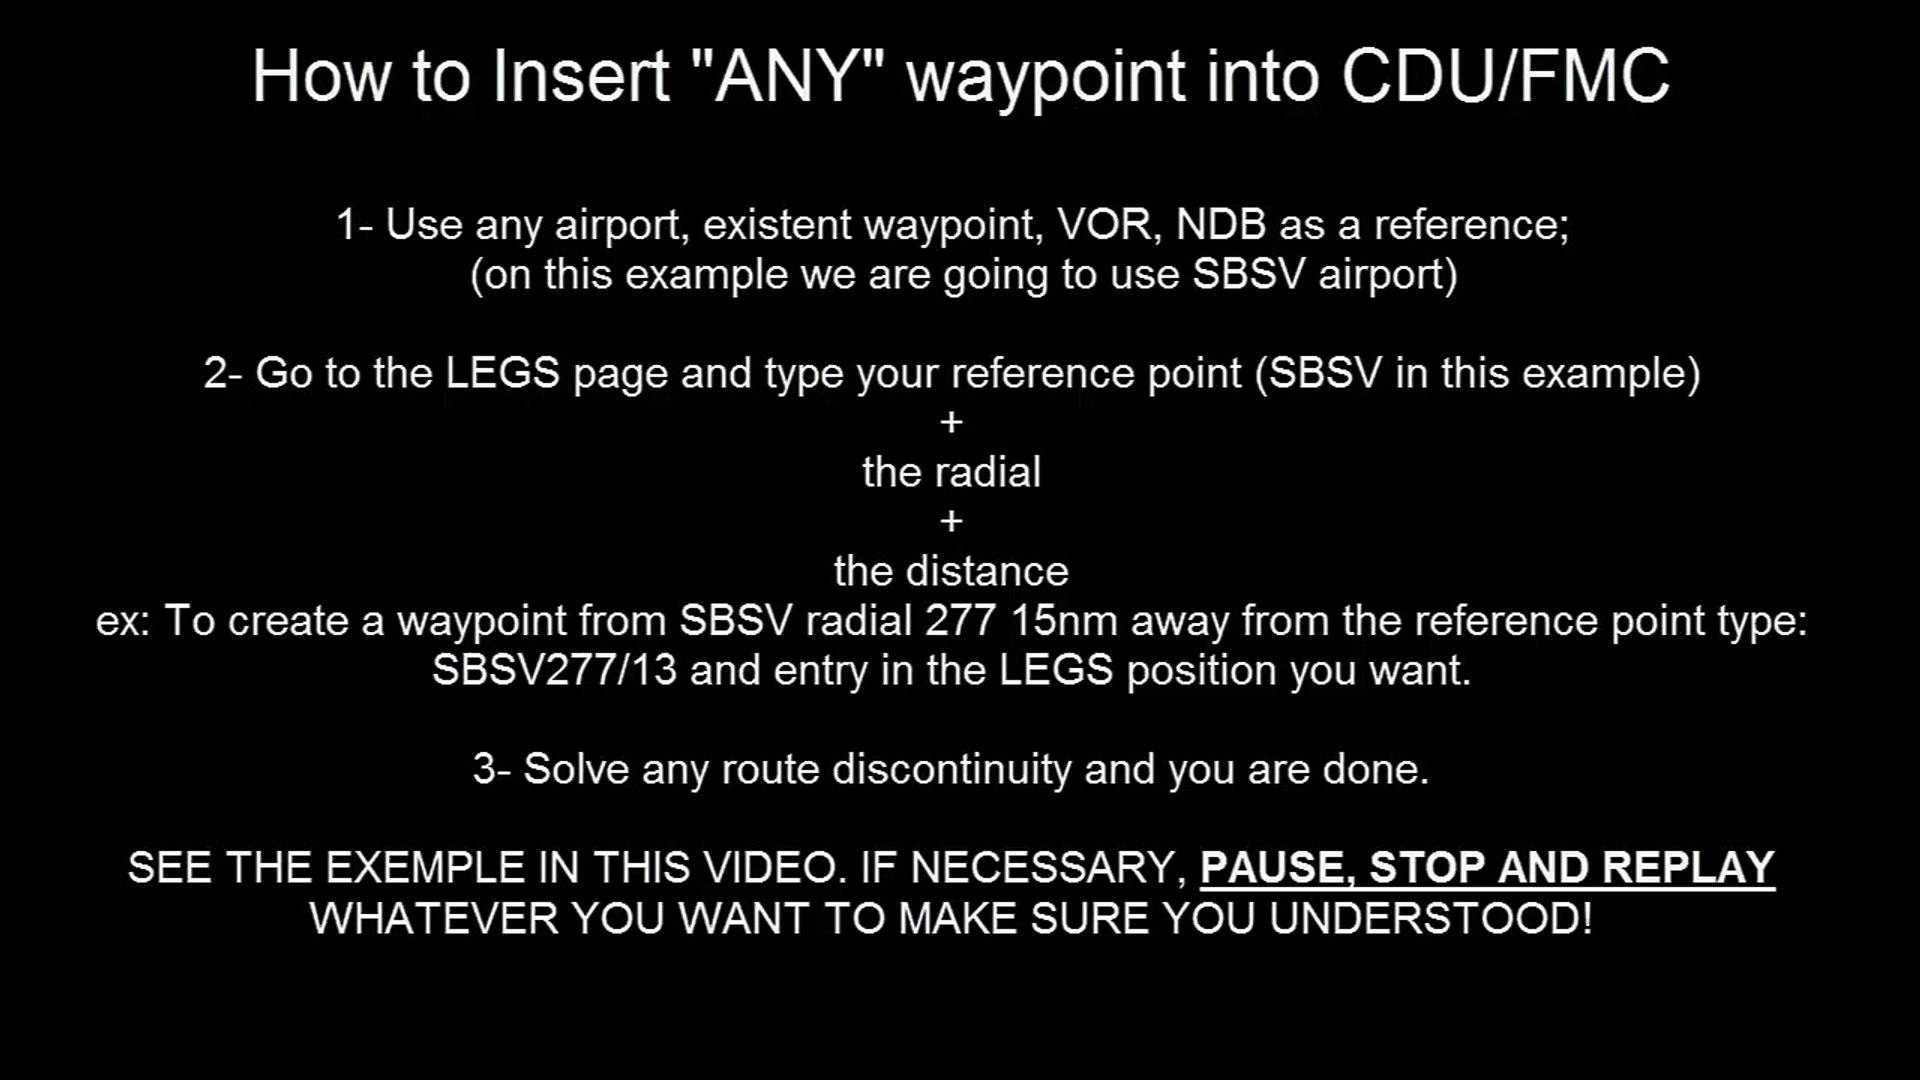 PMDG 737-800 CDU-FMC Lesson - Inserting ANY FIX